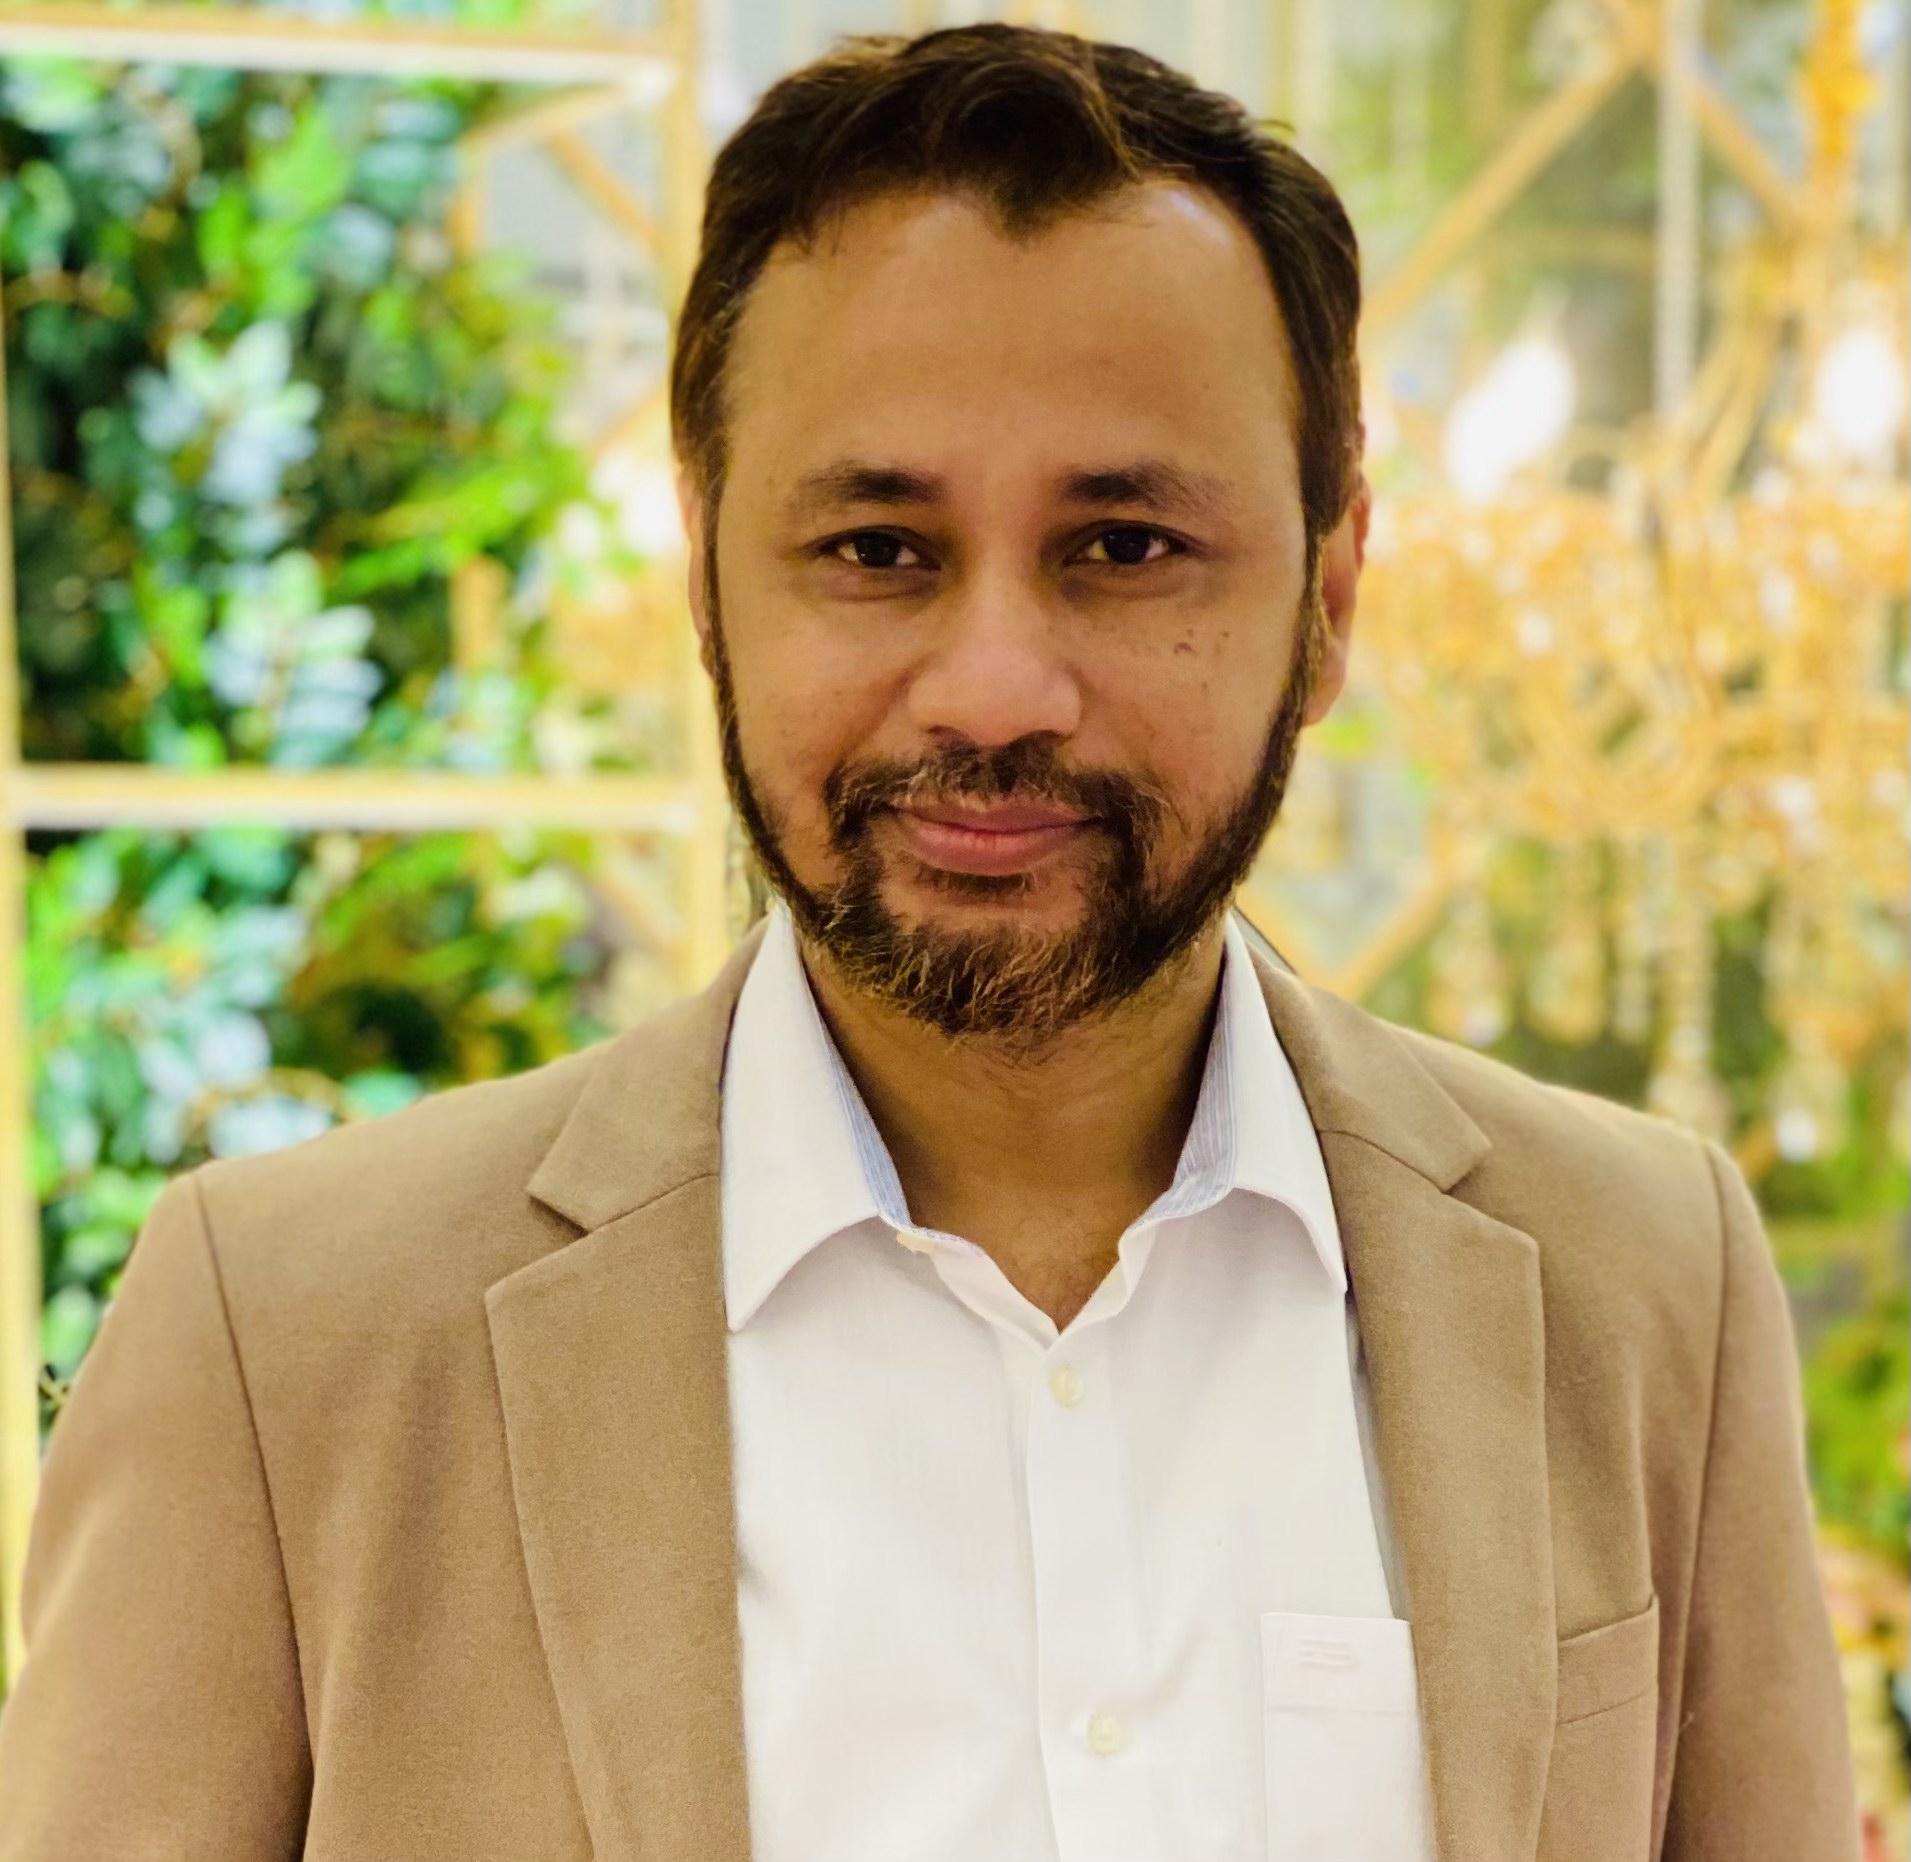 Md. Eftekhar Uddin